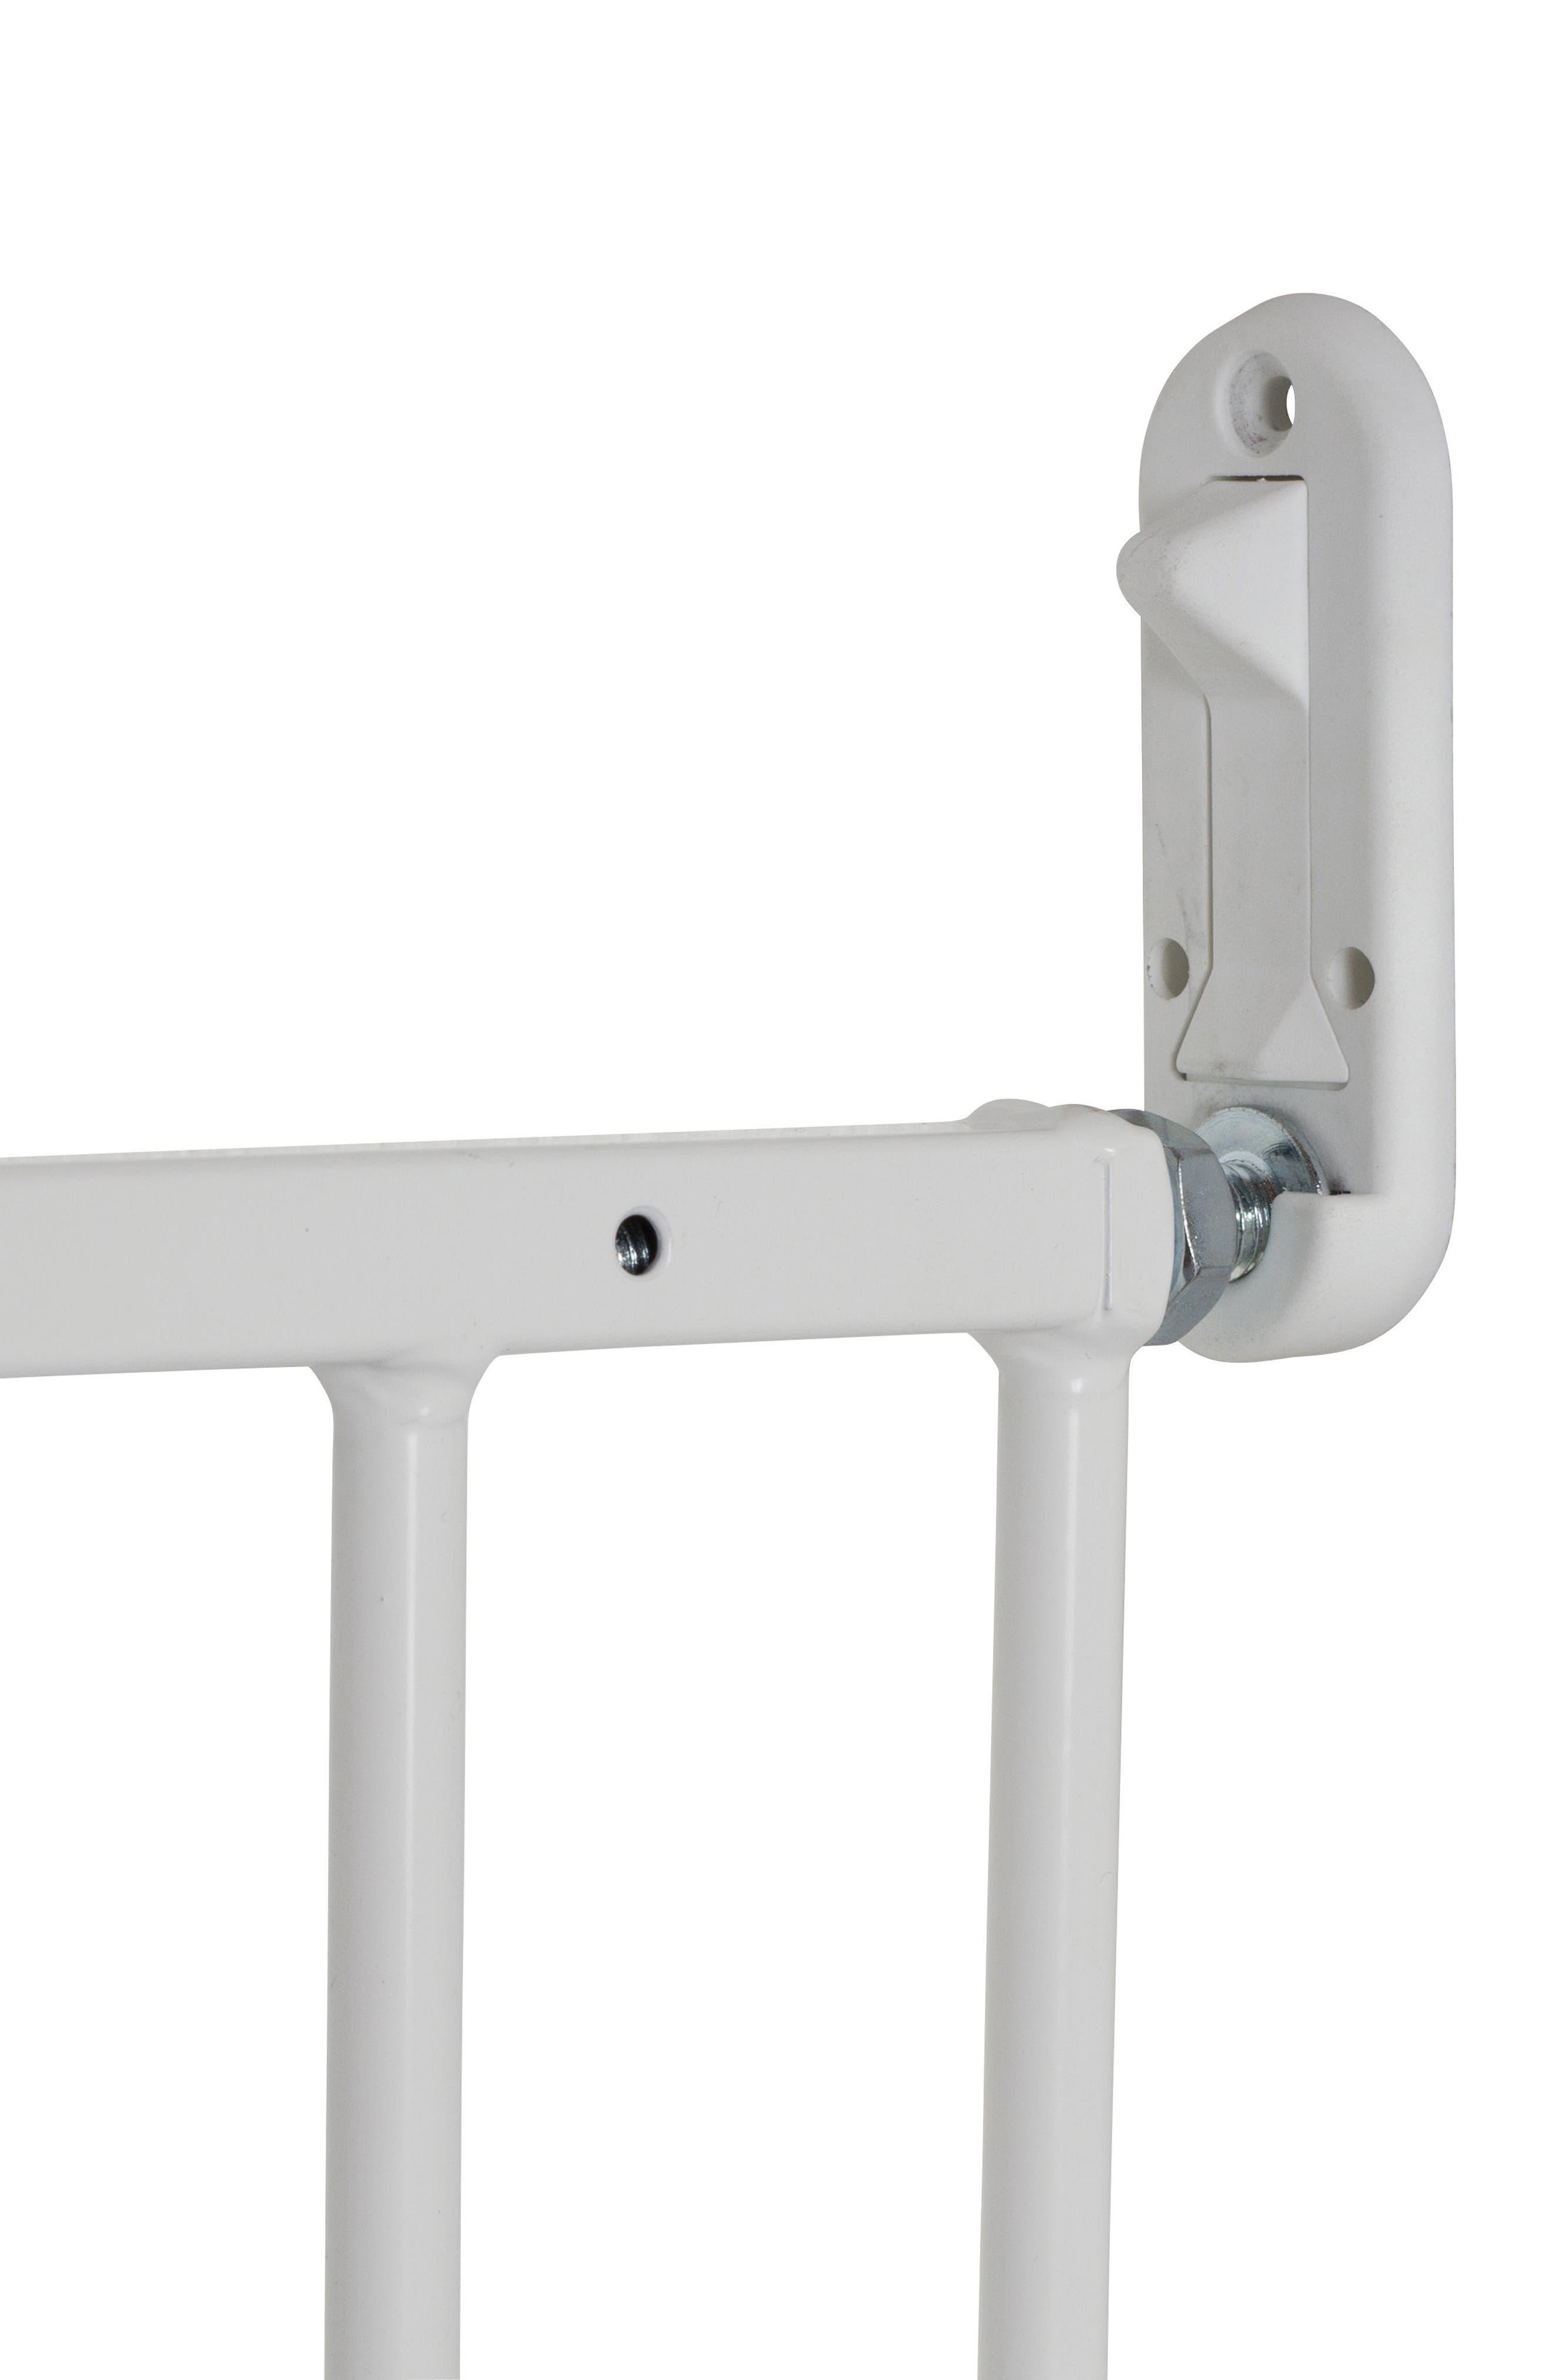 MultiDan Extending Hard Mount Metal Safety Gate,                             Alternate thumbnail 2, color,                             WHITE